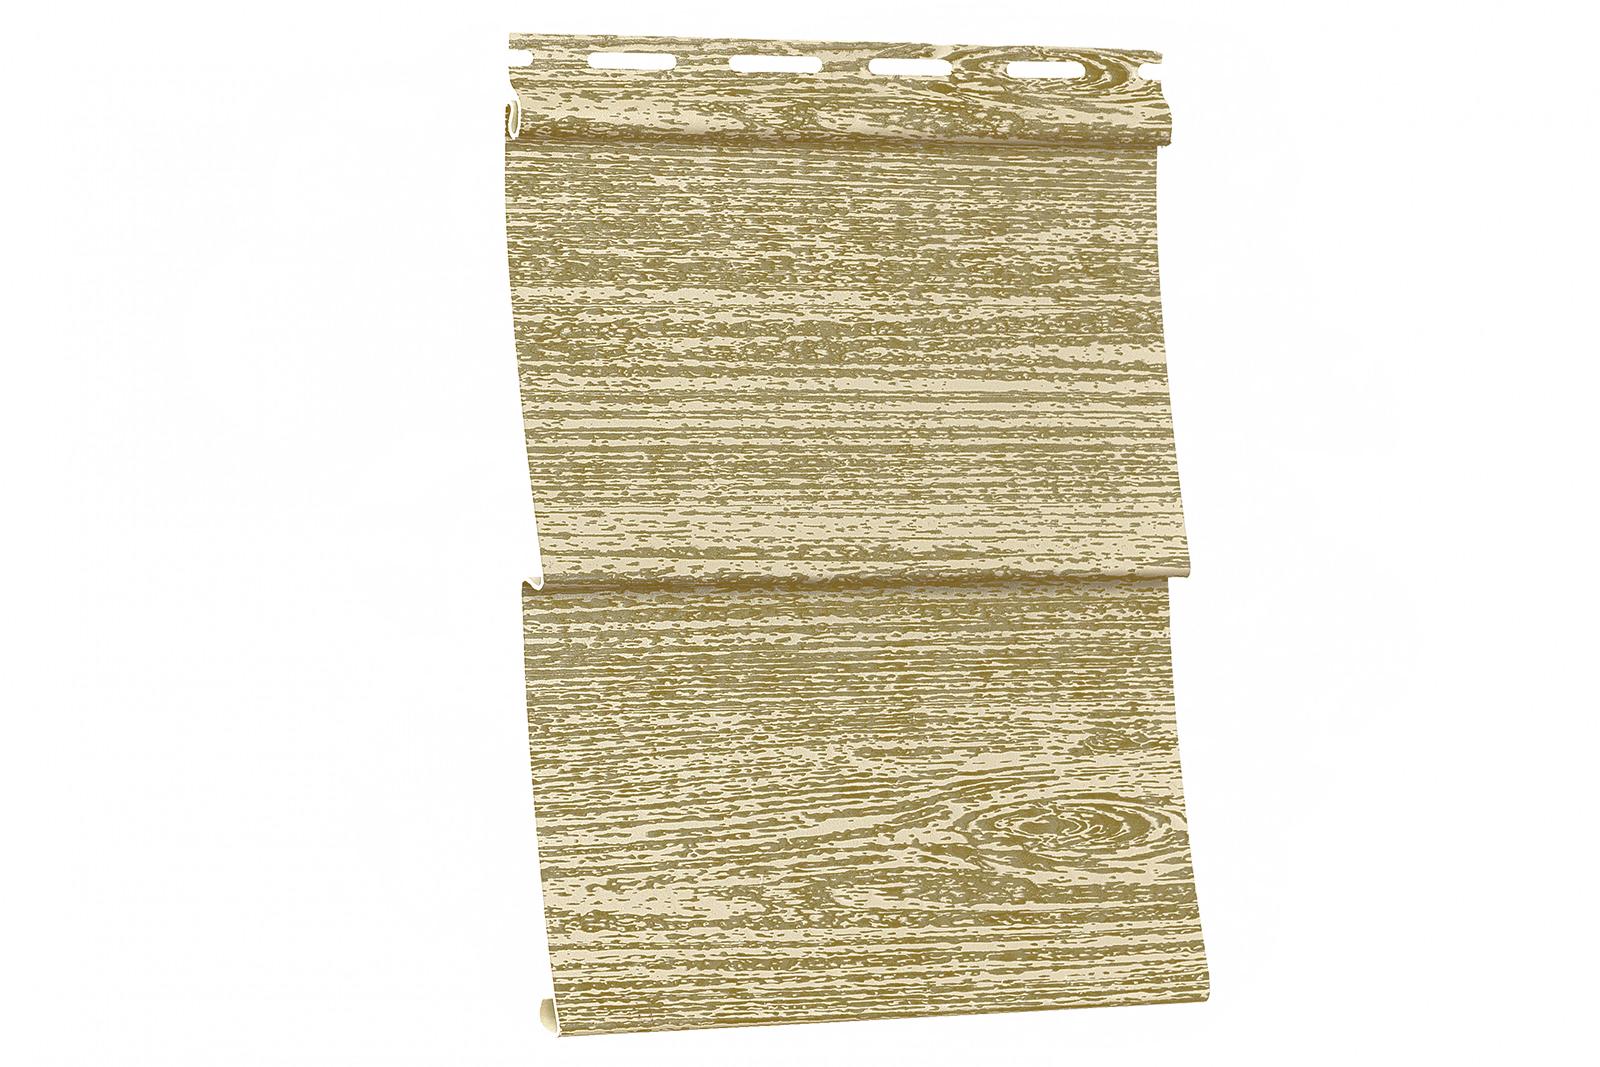 Сайдинг Тимбер-Блок Ель Балтийская 0,23*3,05 м.